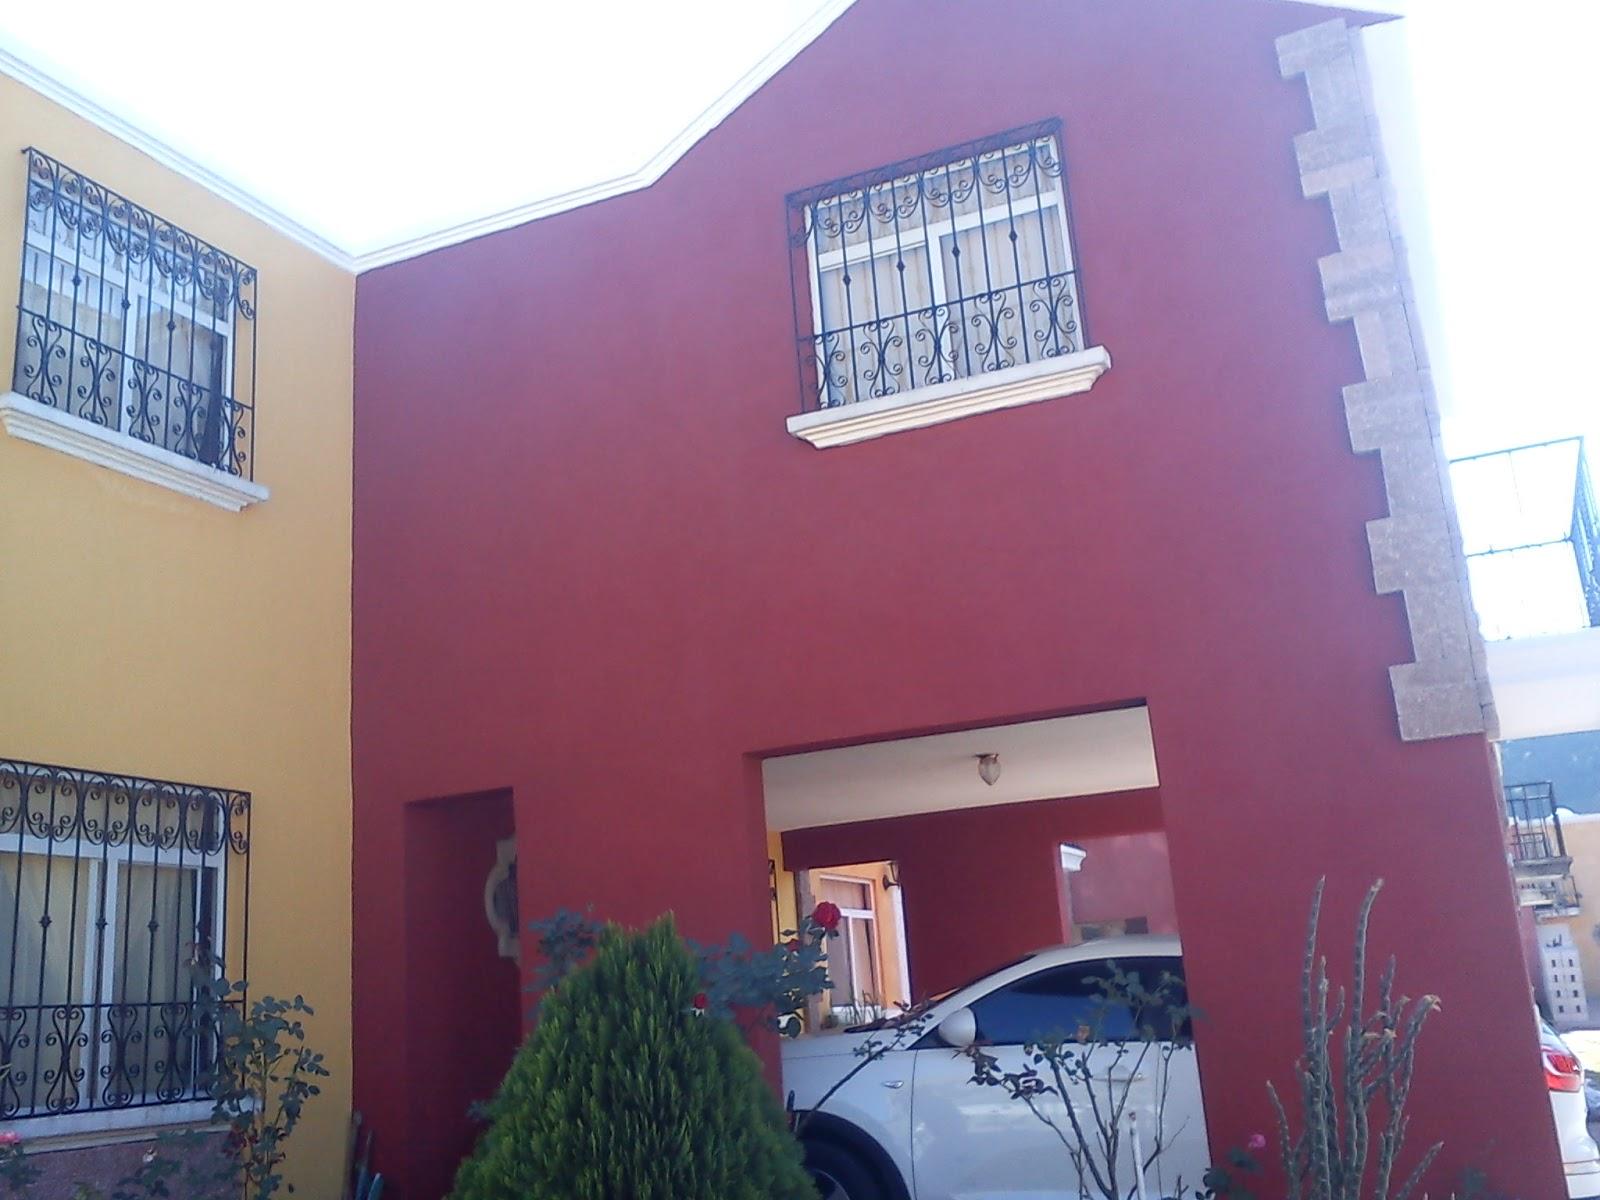 Color De Pintura Para Casa Exterior. Top Free Excellent With ...